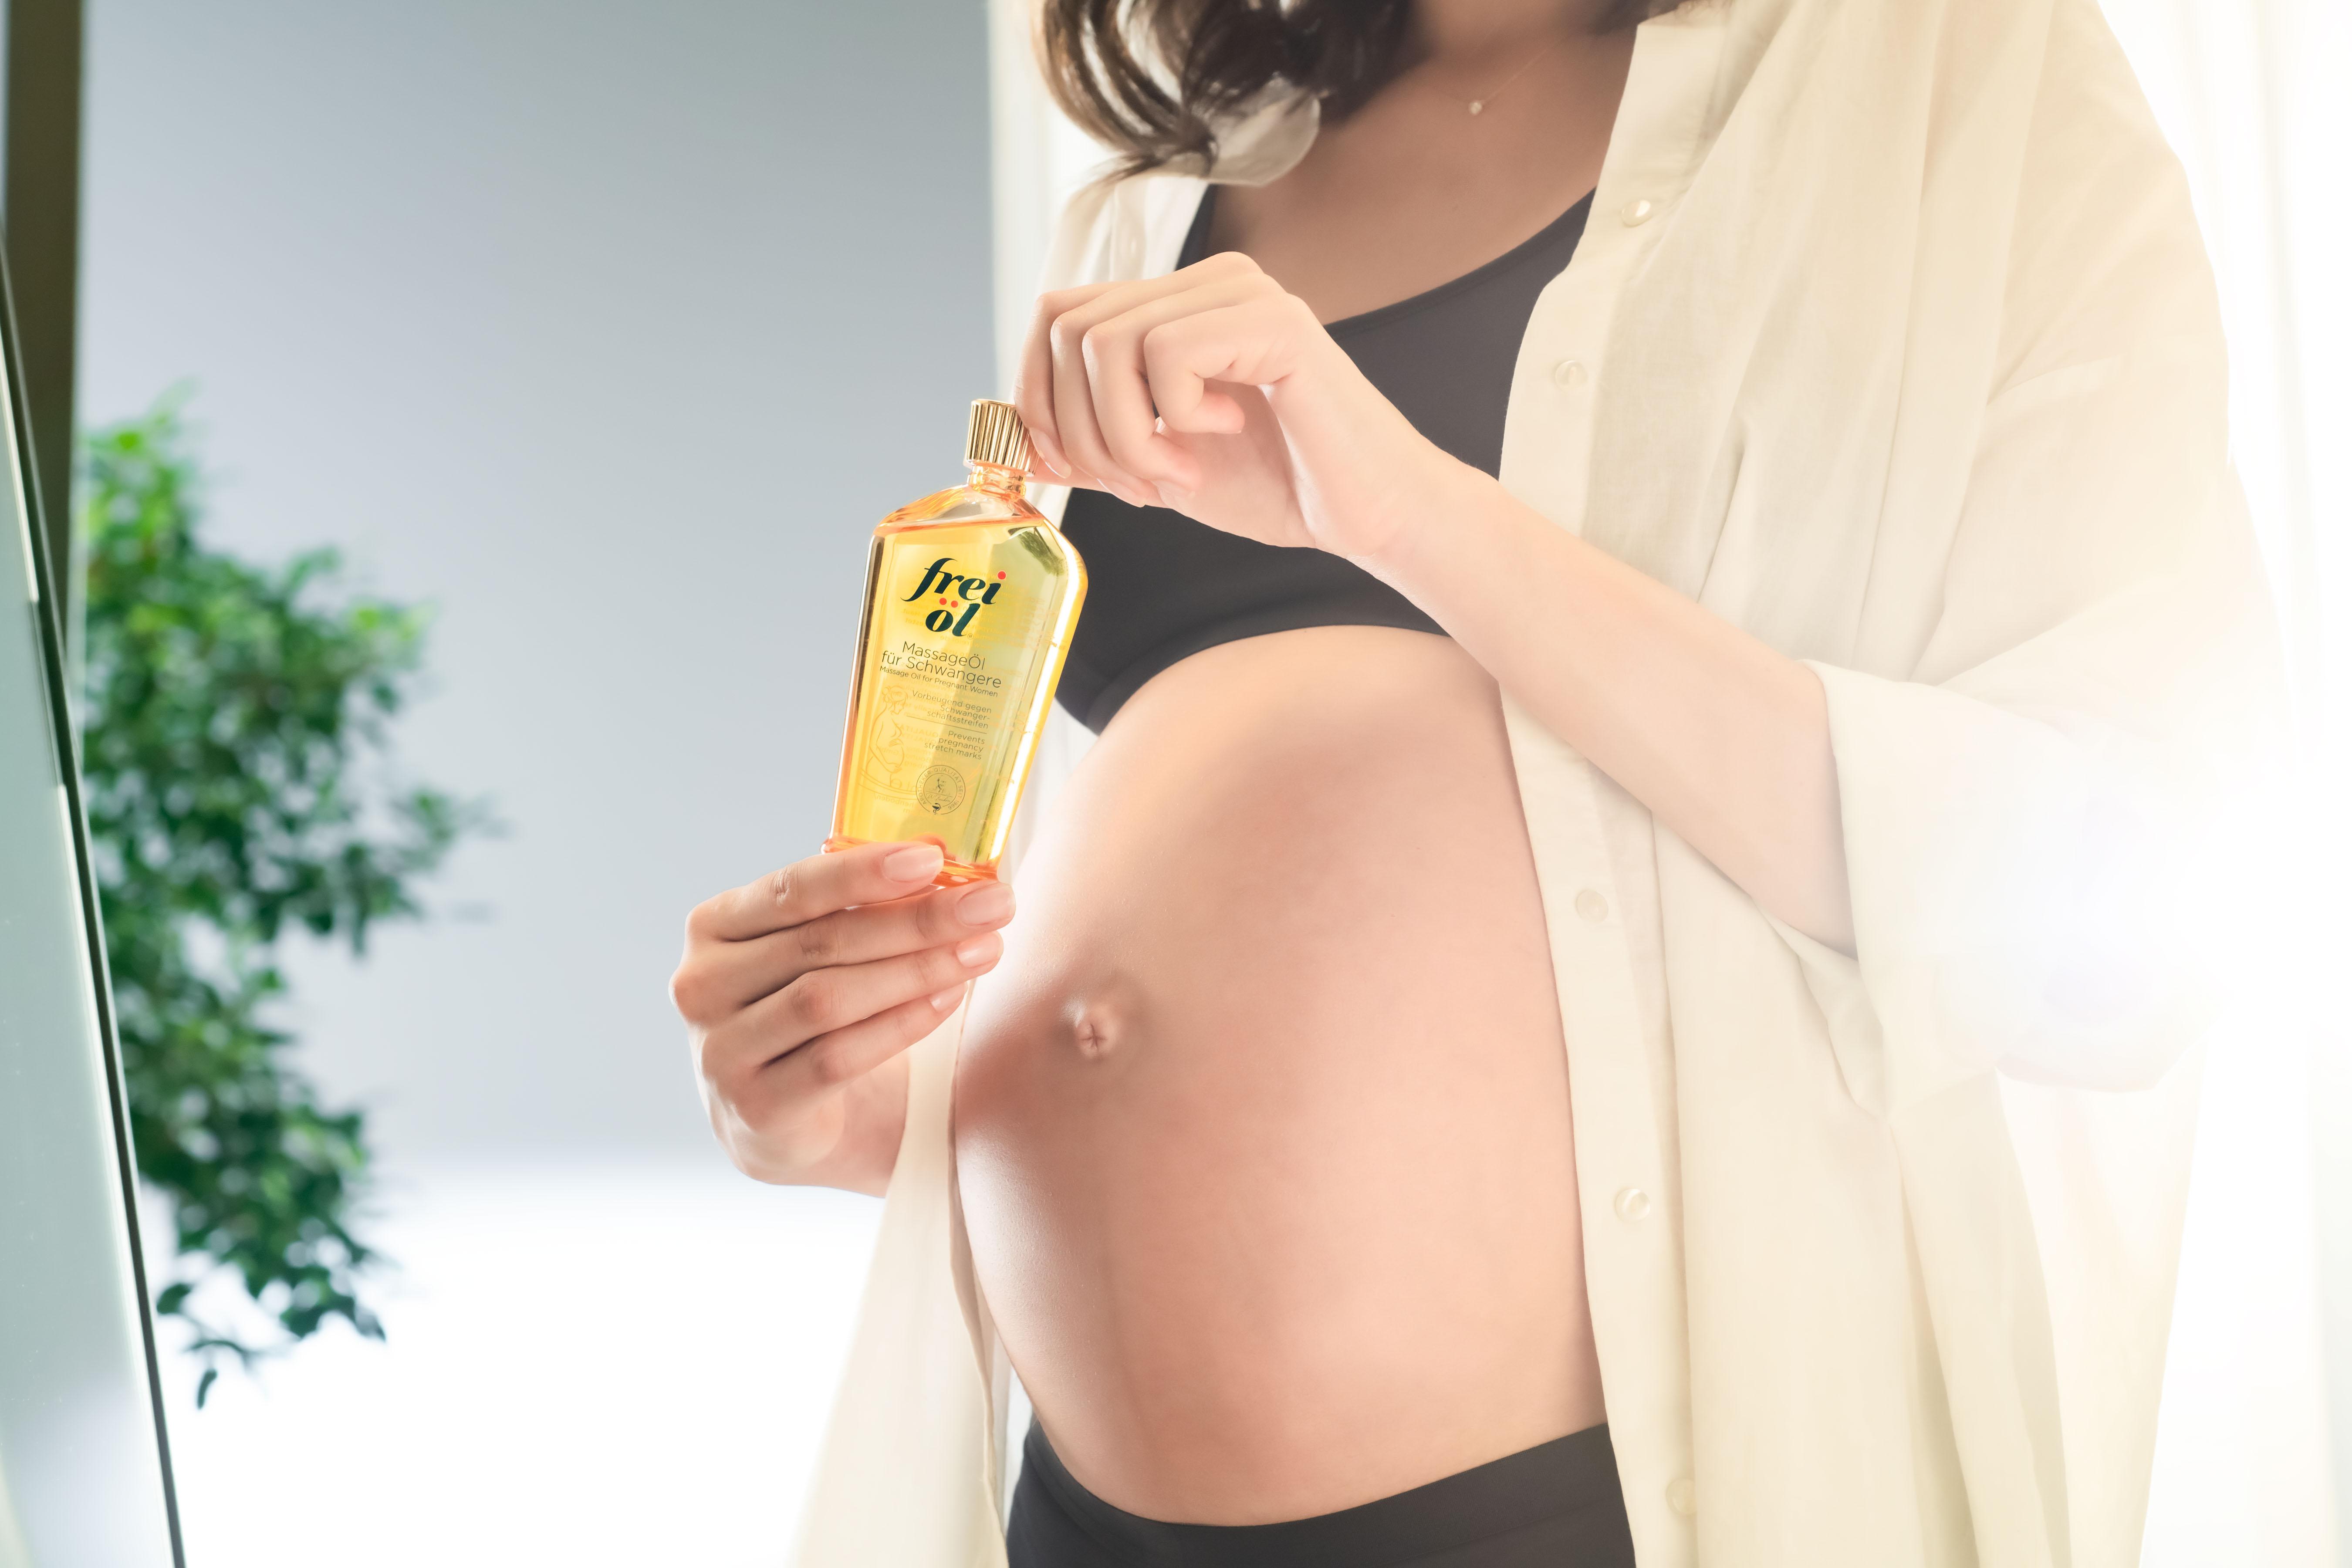 frei öl® Studie | Verbesserung der Hautelastizität in der Schwangerschaft